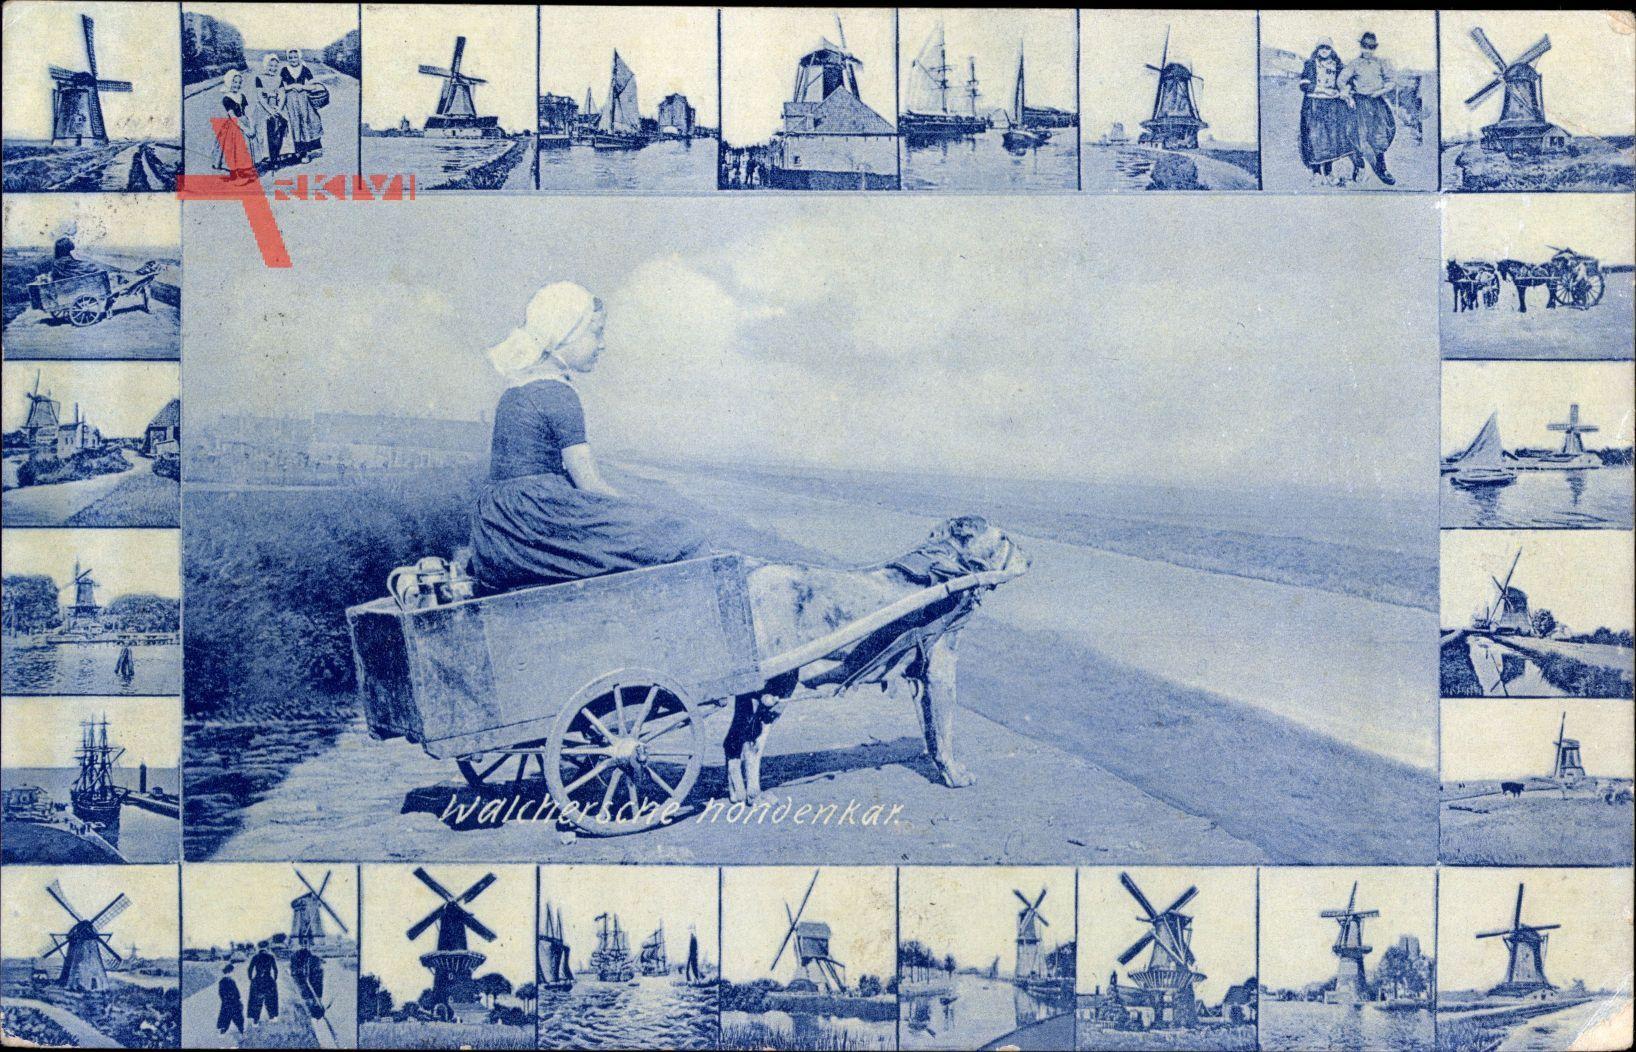 Walchersche Nondenkar, Frau in Tracht in Hundekarren, Windmühlen